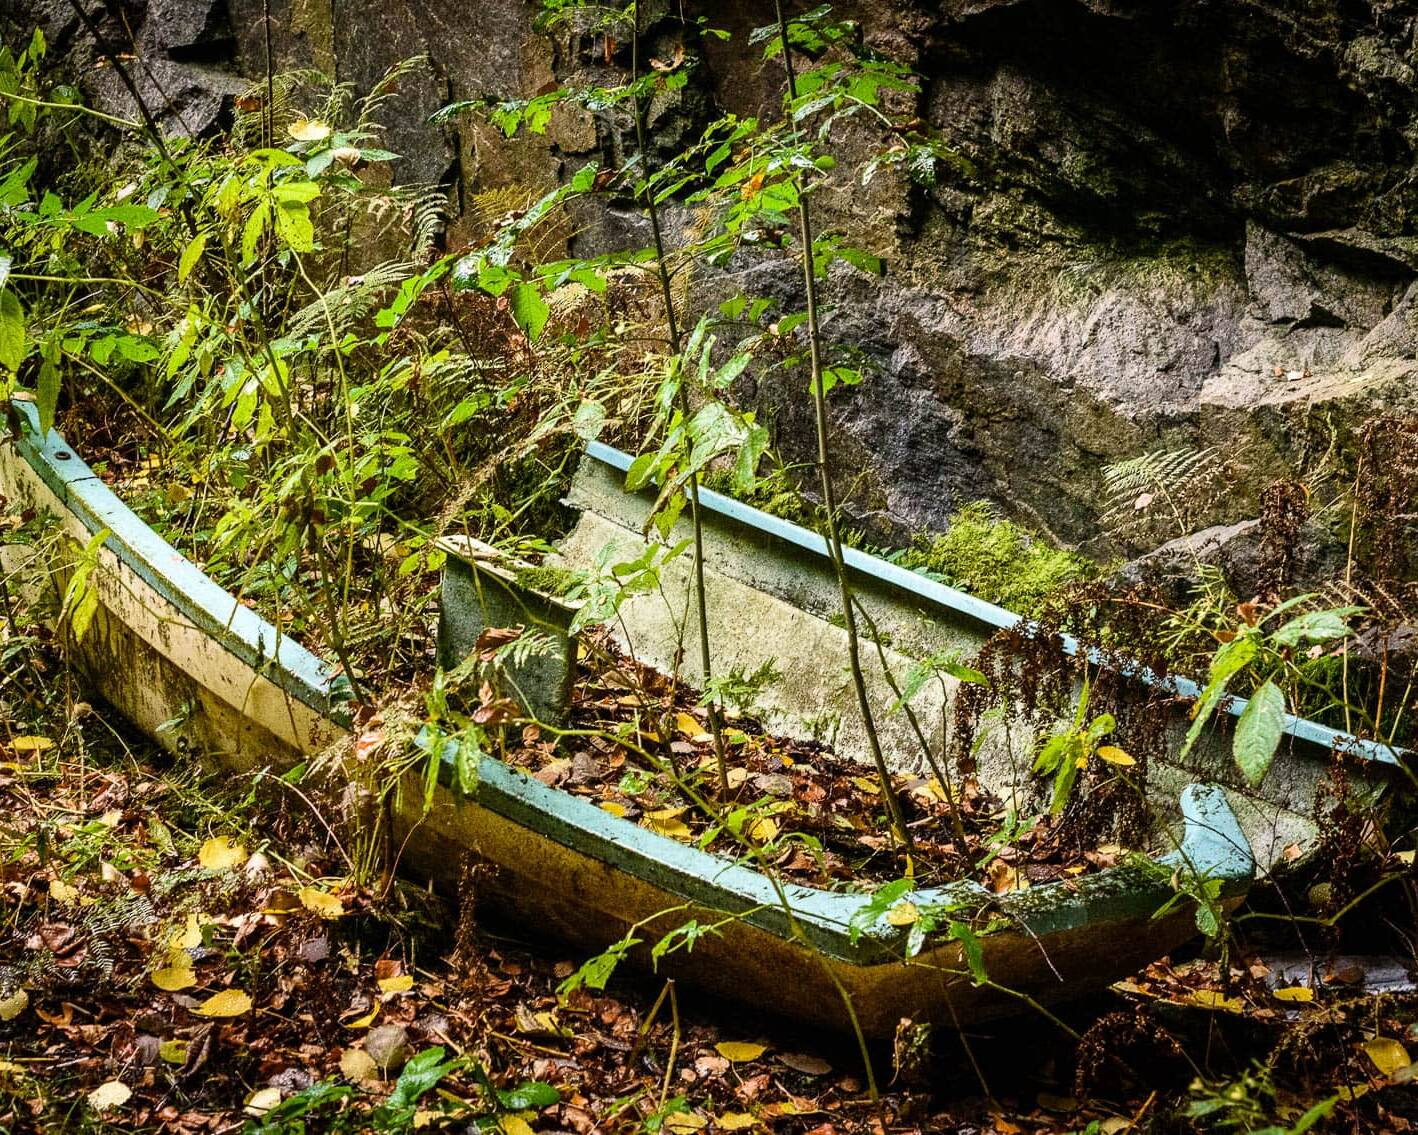 Rya Skog Naturreservat